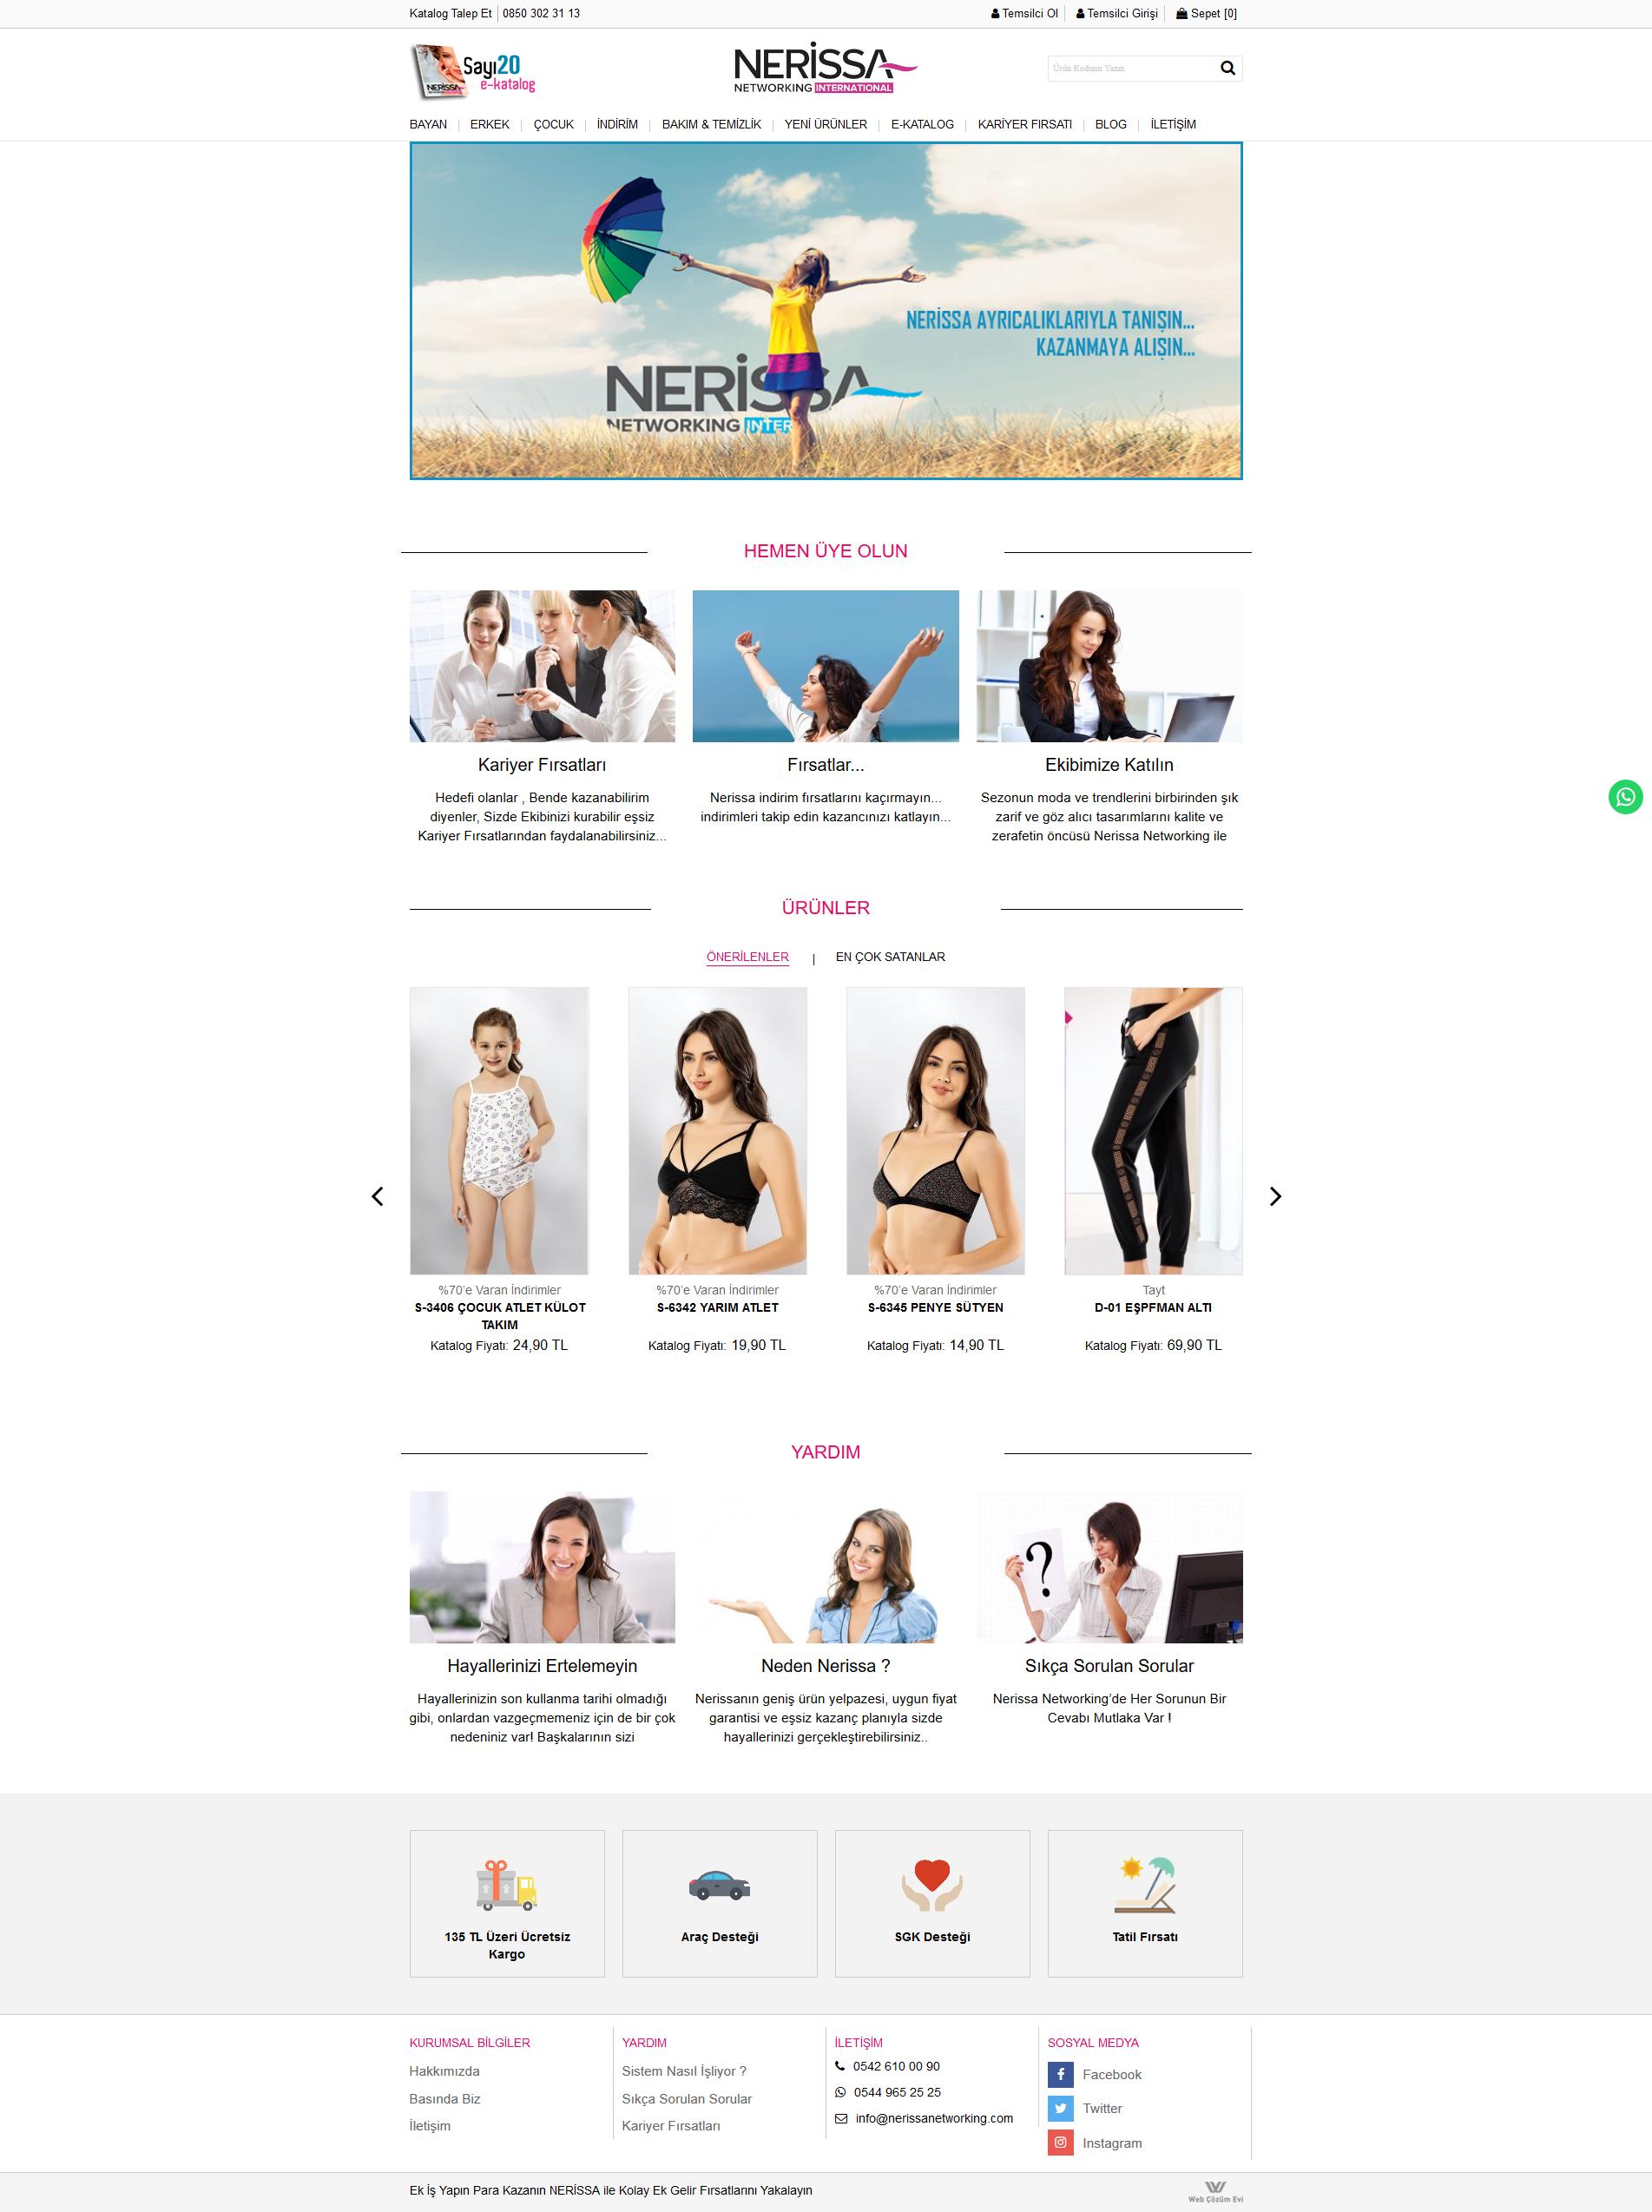 Nerissa Network